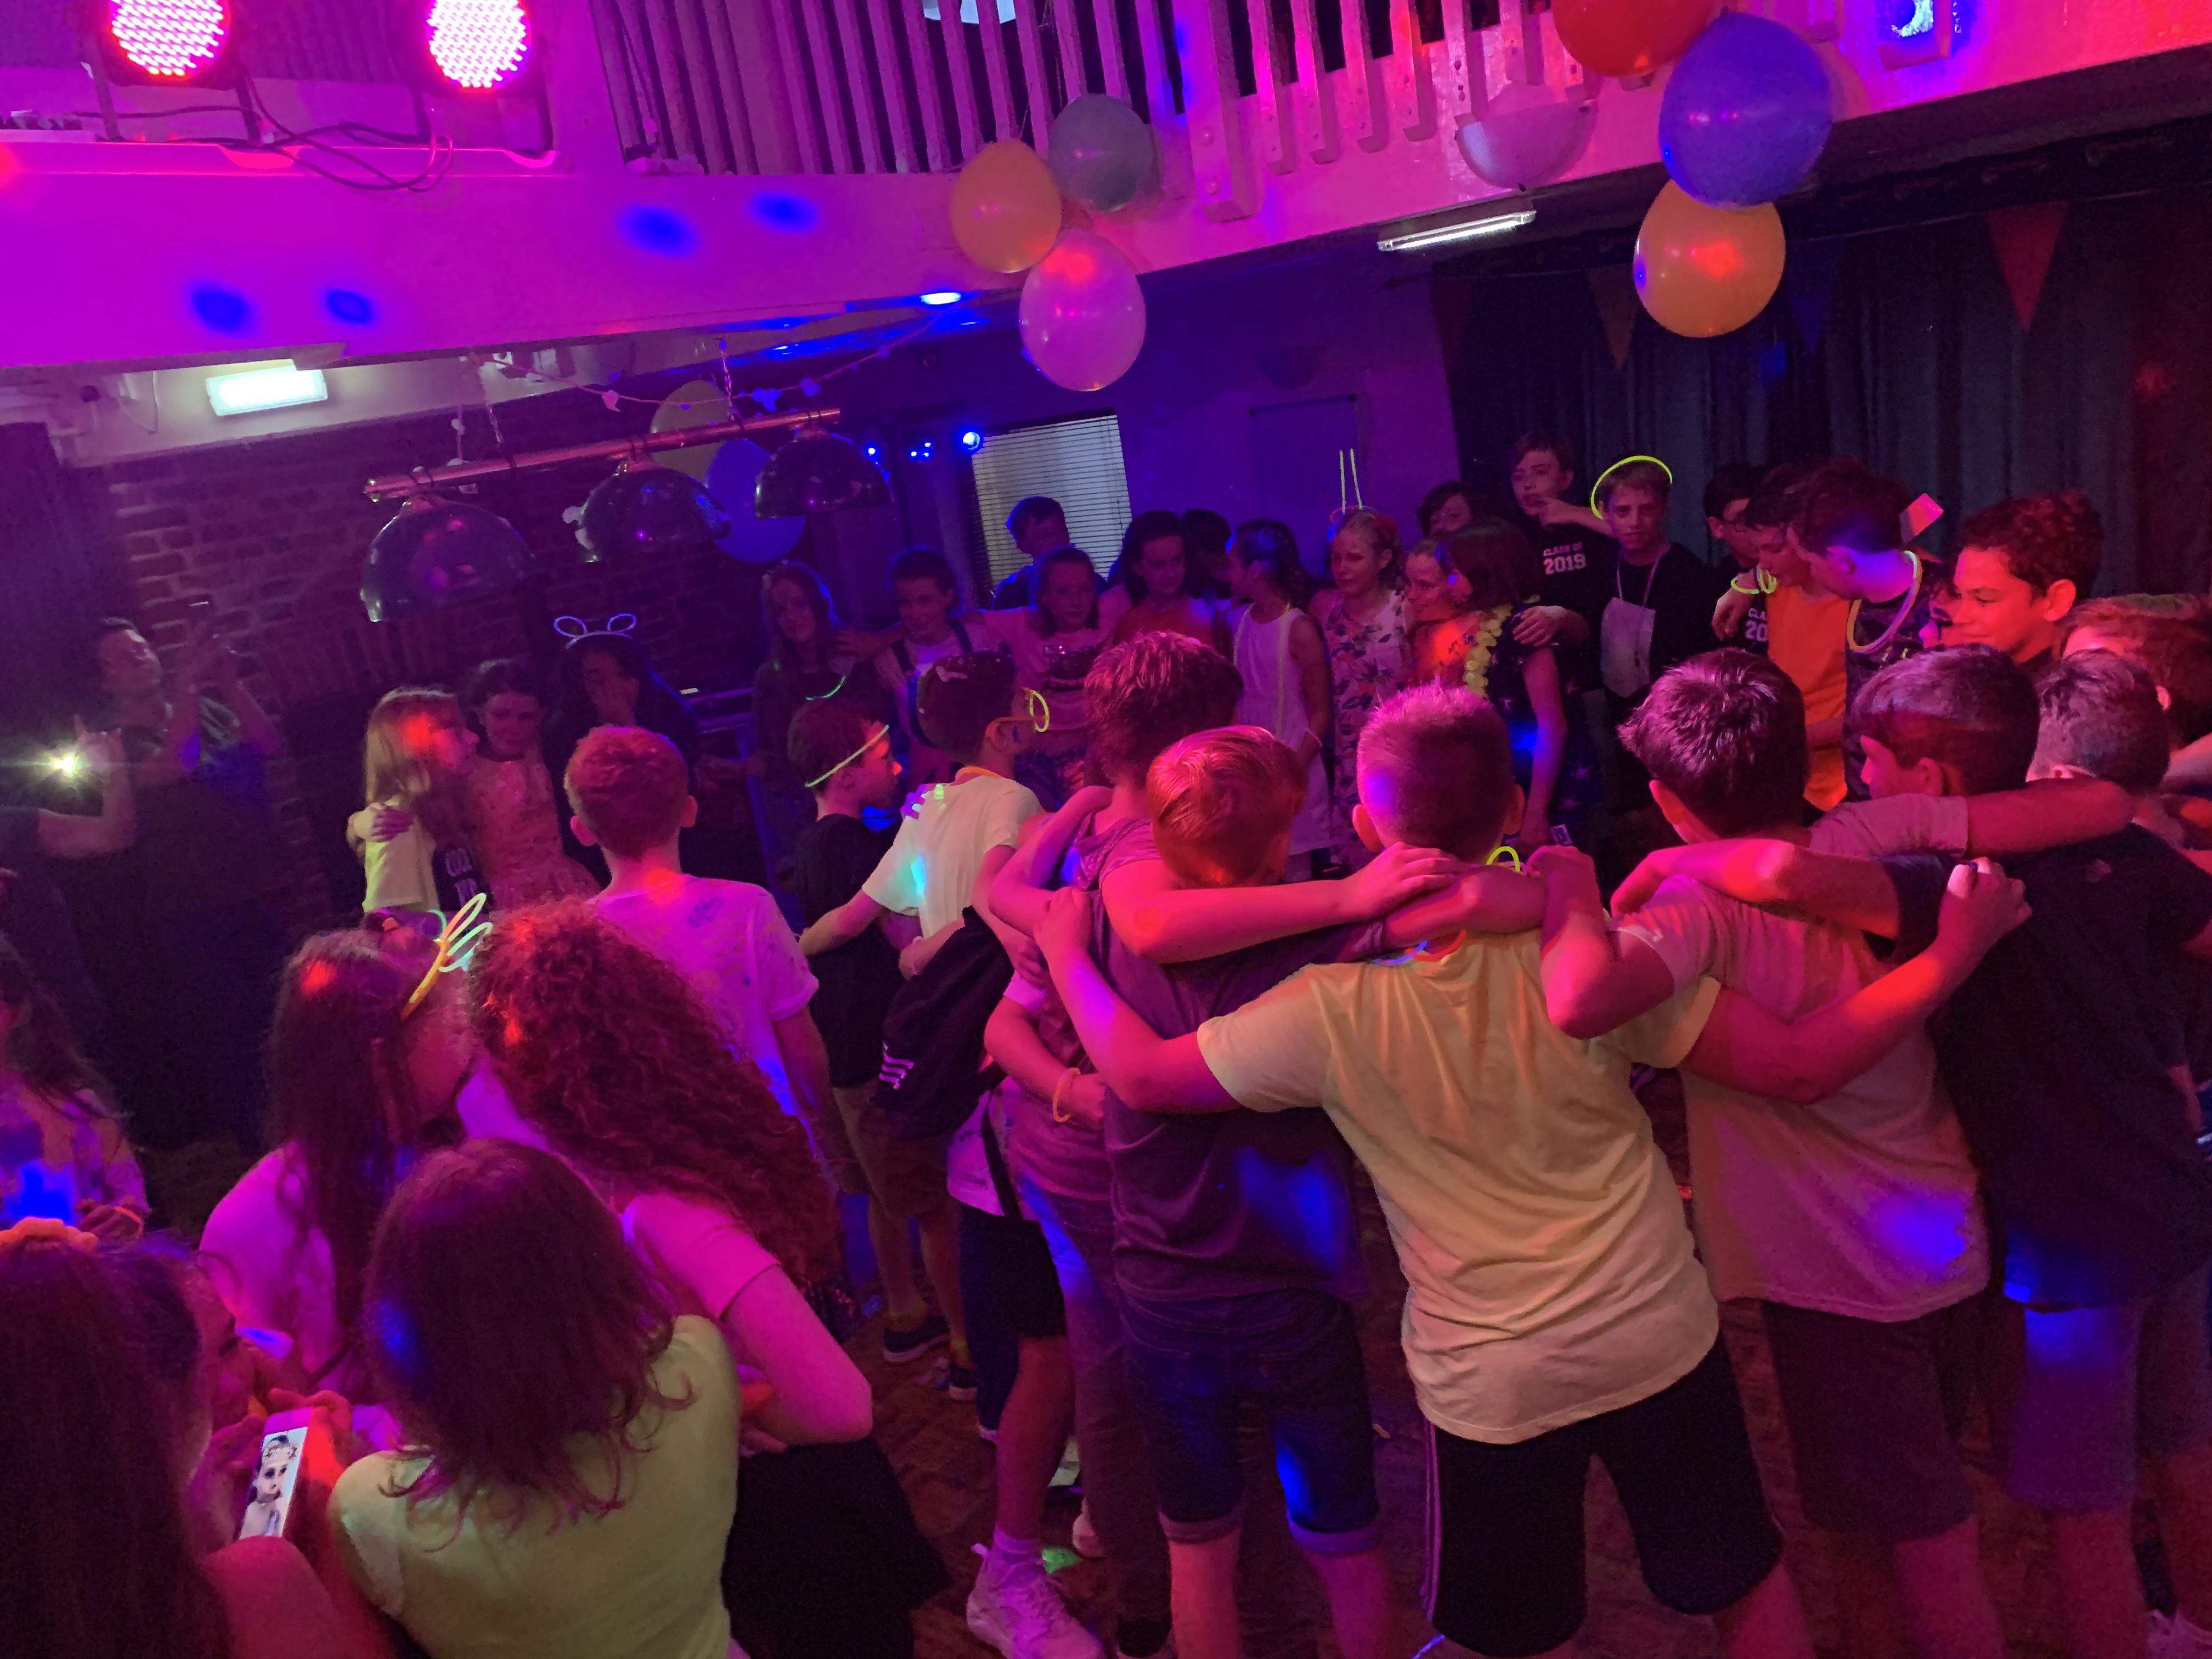 Year 6 school leavers party in Essex - Moji Entertainer